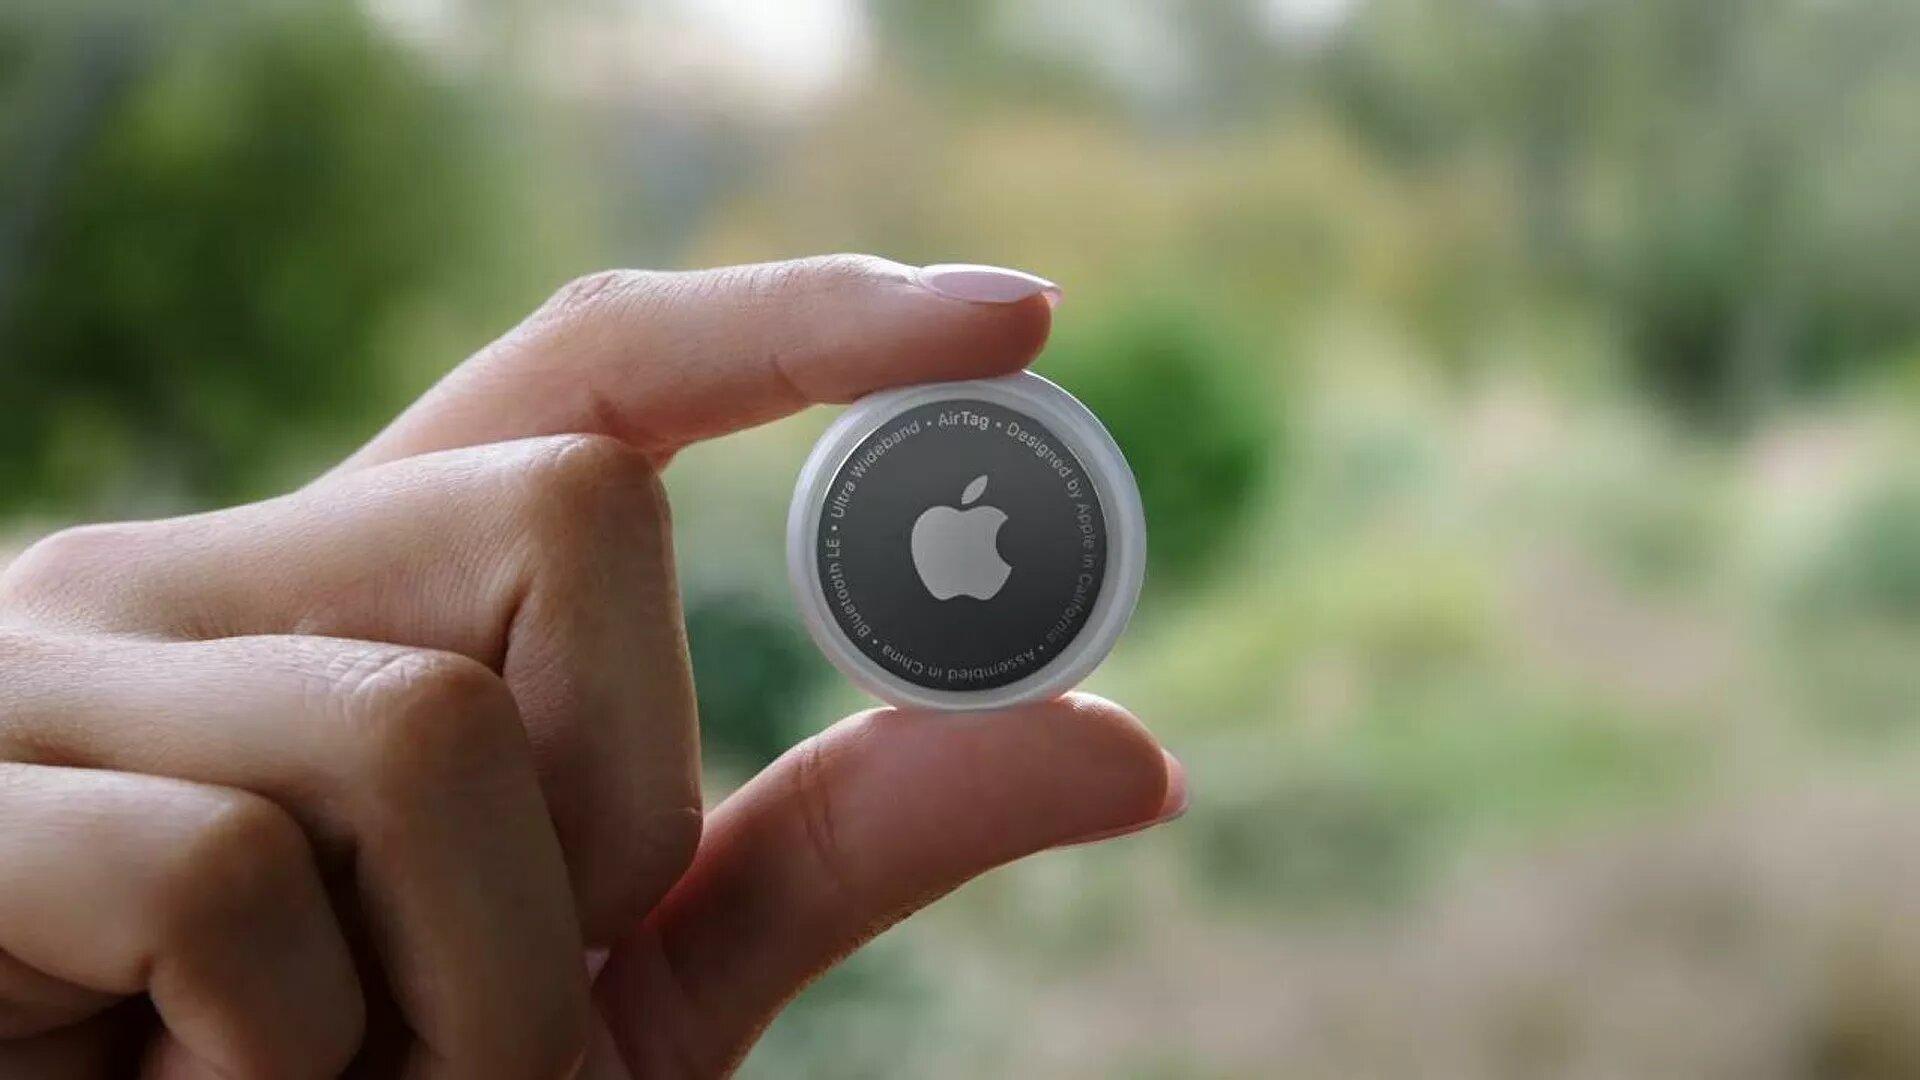 Маячок AirTag для поиска утерянных вещей. Фото © Apple